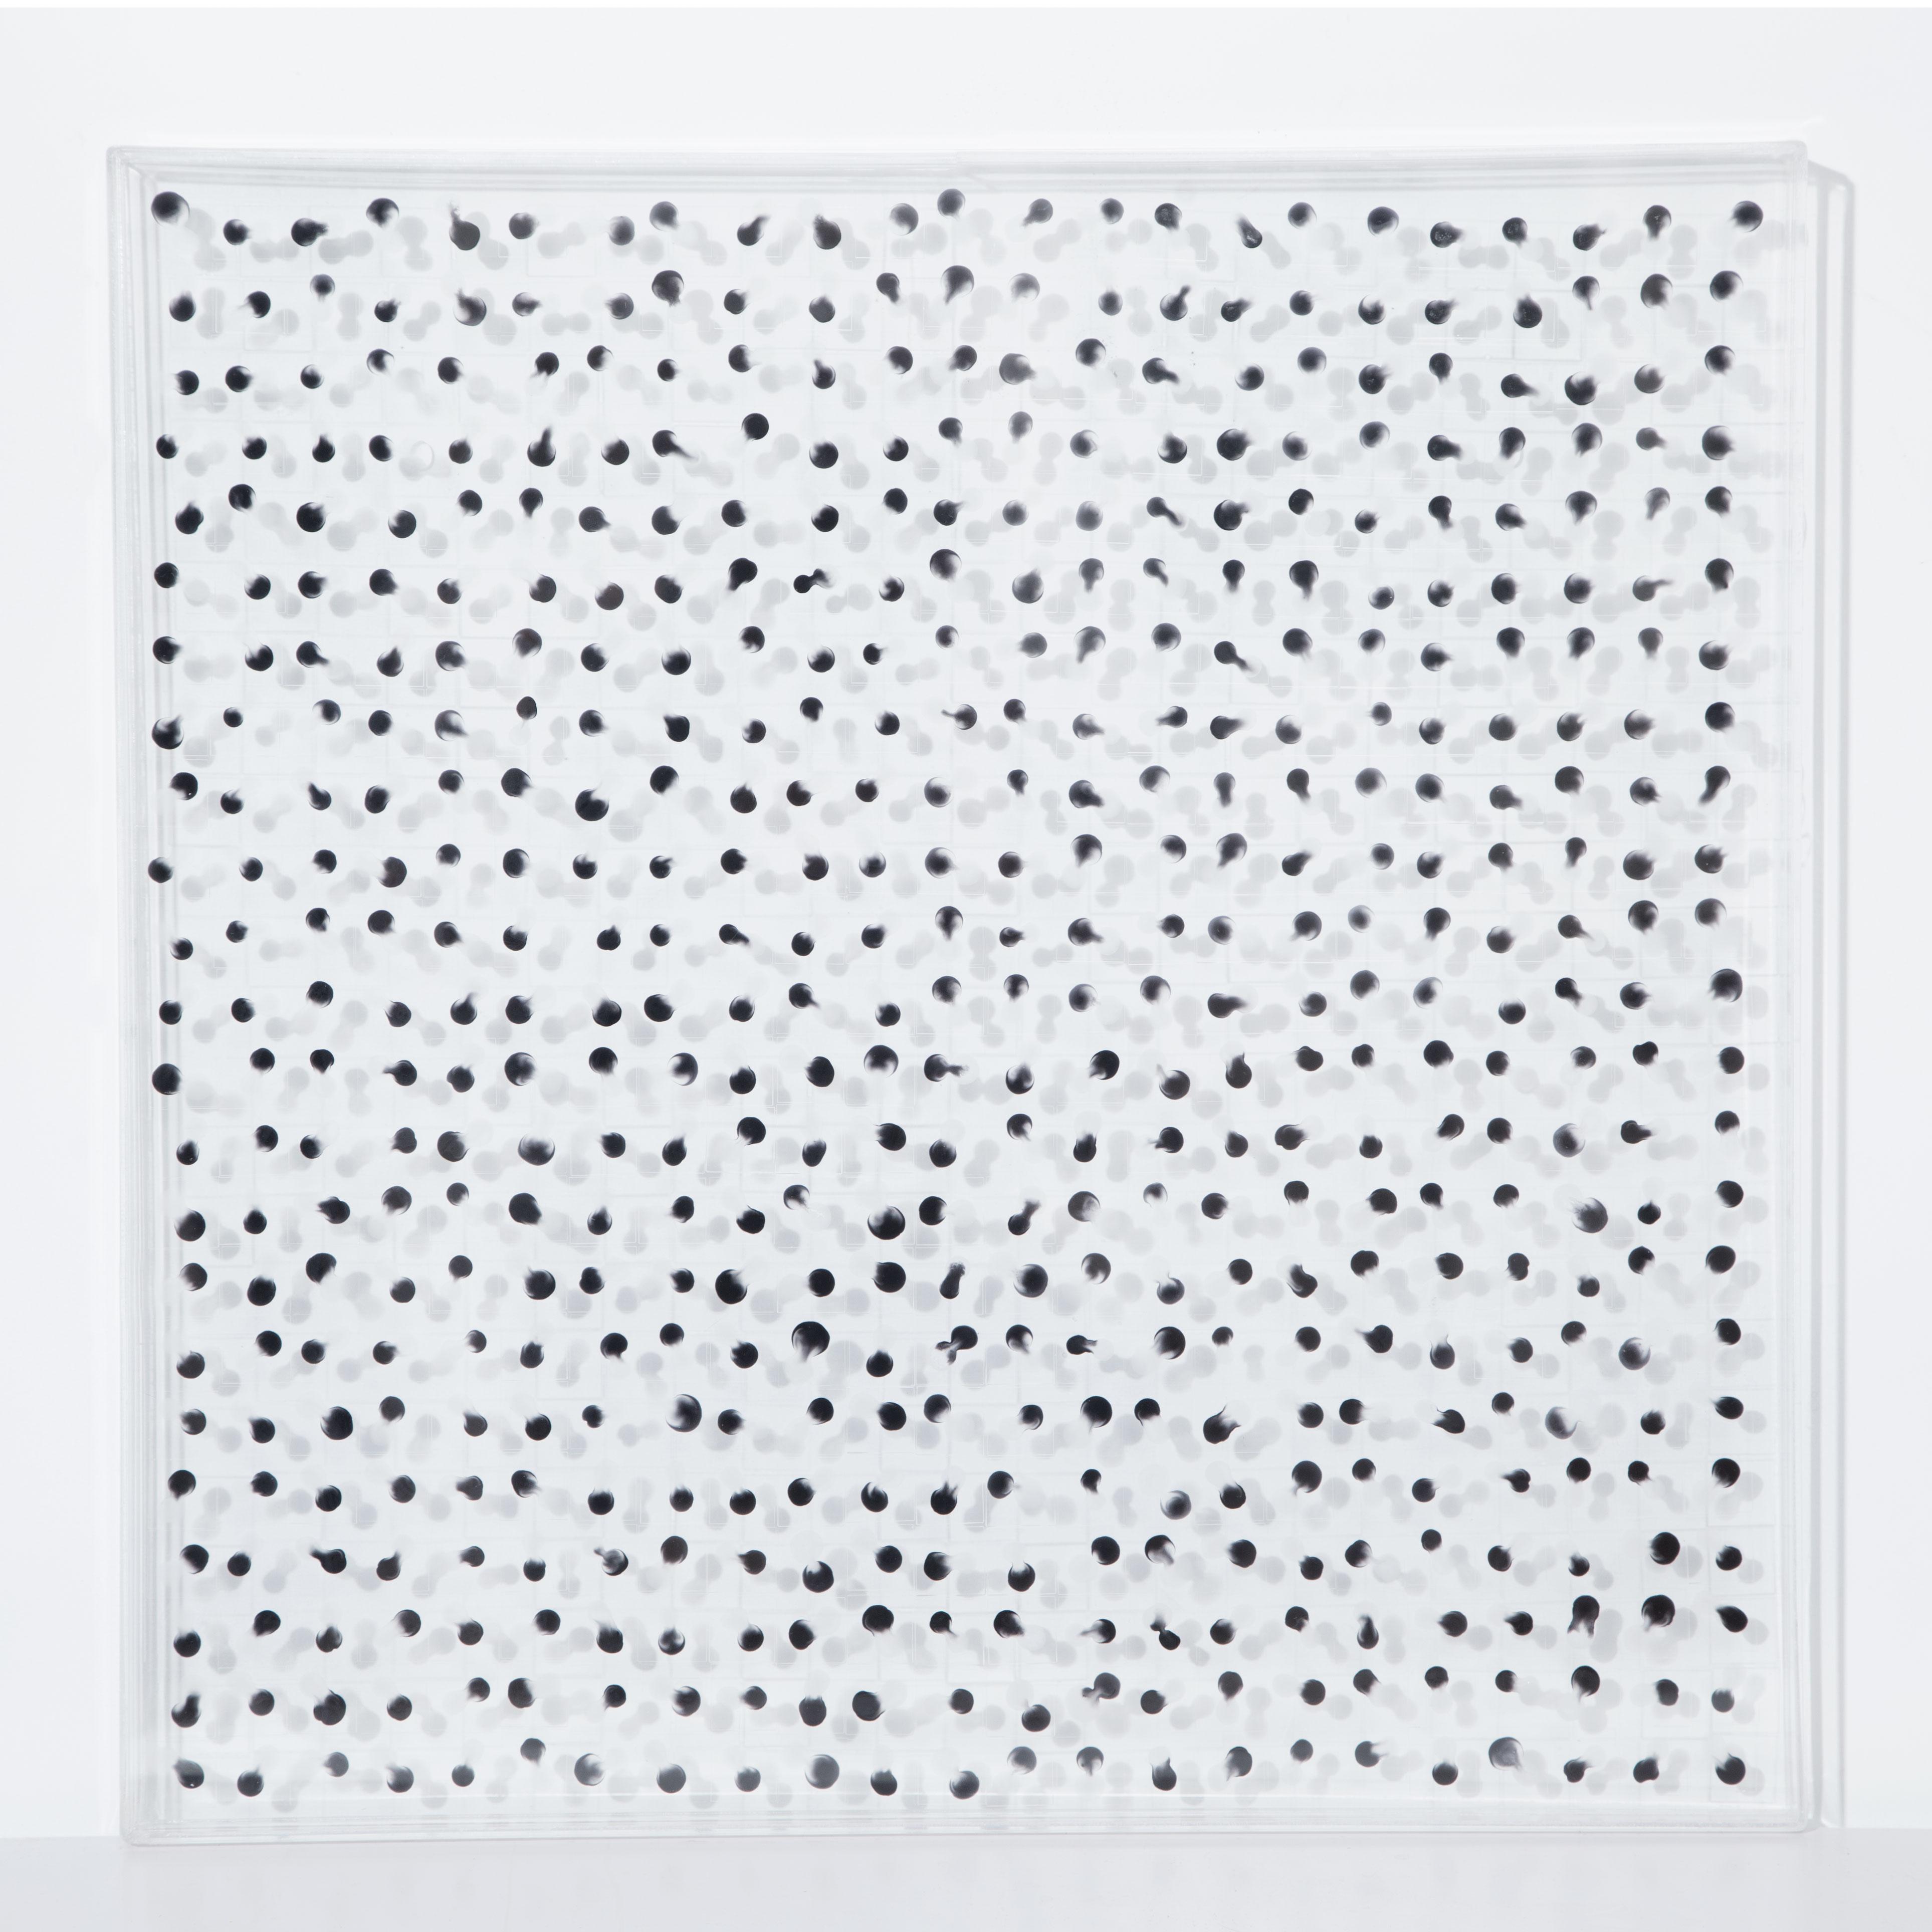 隐性共生   Invisible Symbiosis    60x60cm 综合